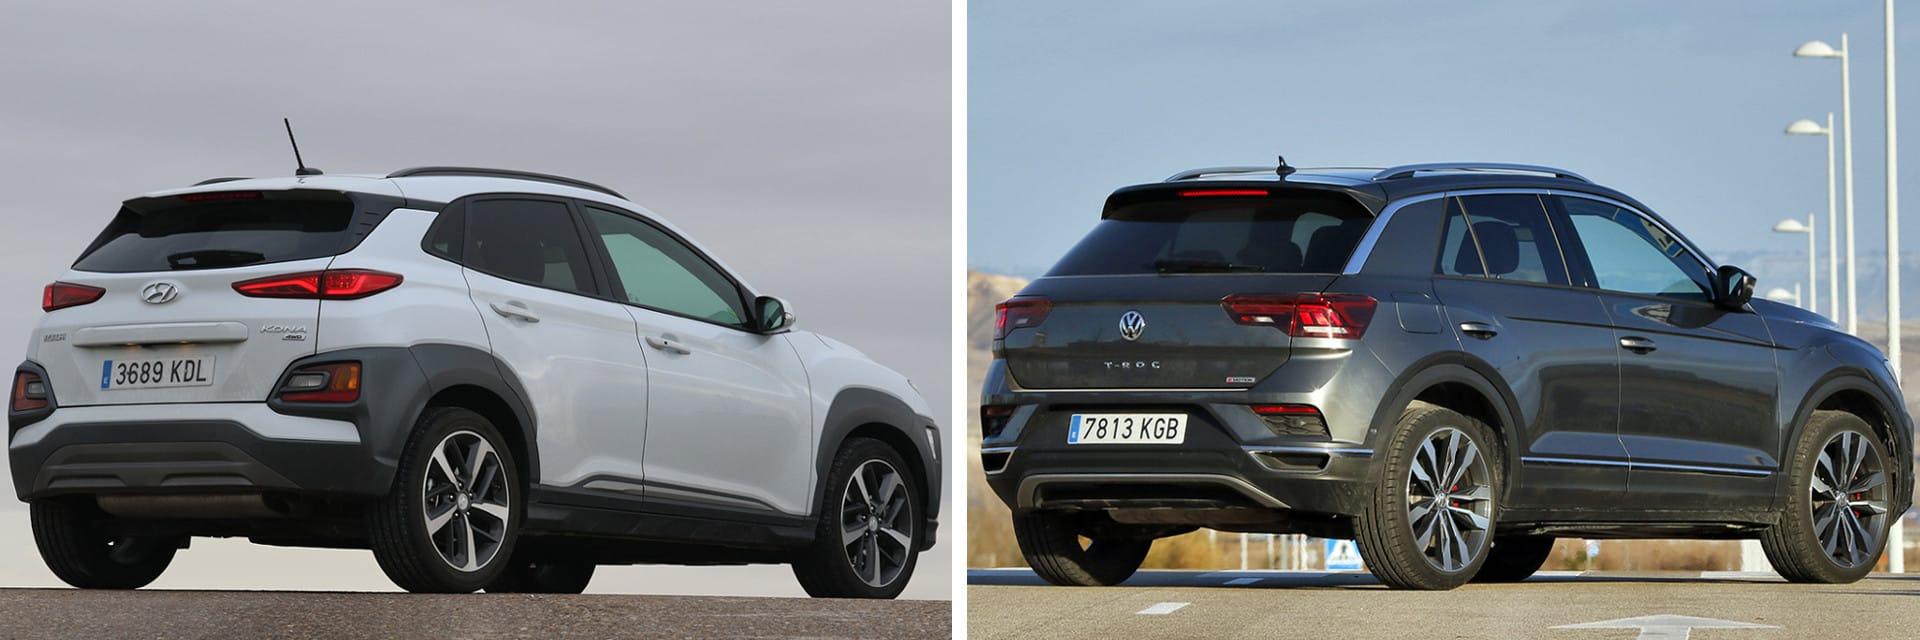 Ambos coches permiten adelantar en poco espacio y ganar velocidad con facilidad entre curva y curva.